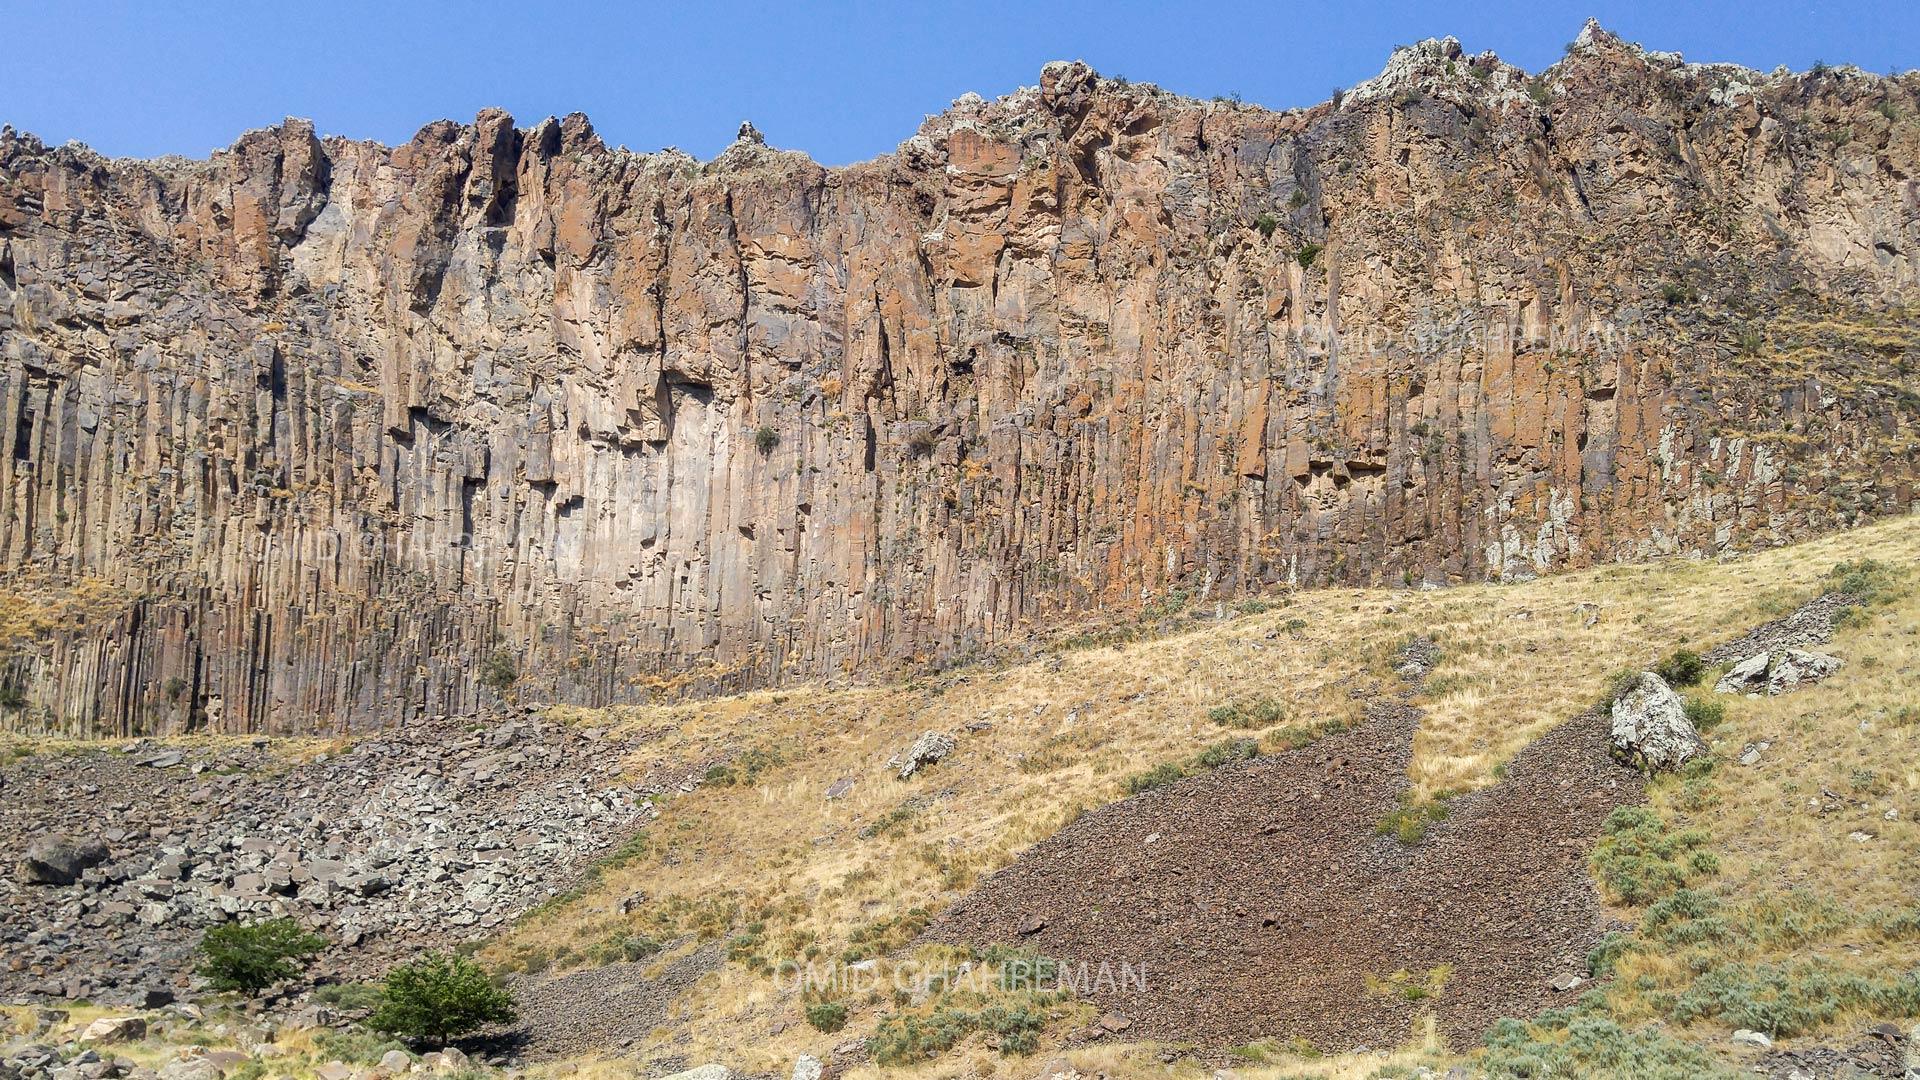 ابتدای دره قیرمیزیلیخ آواجیق در شهر ماکو